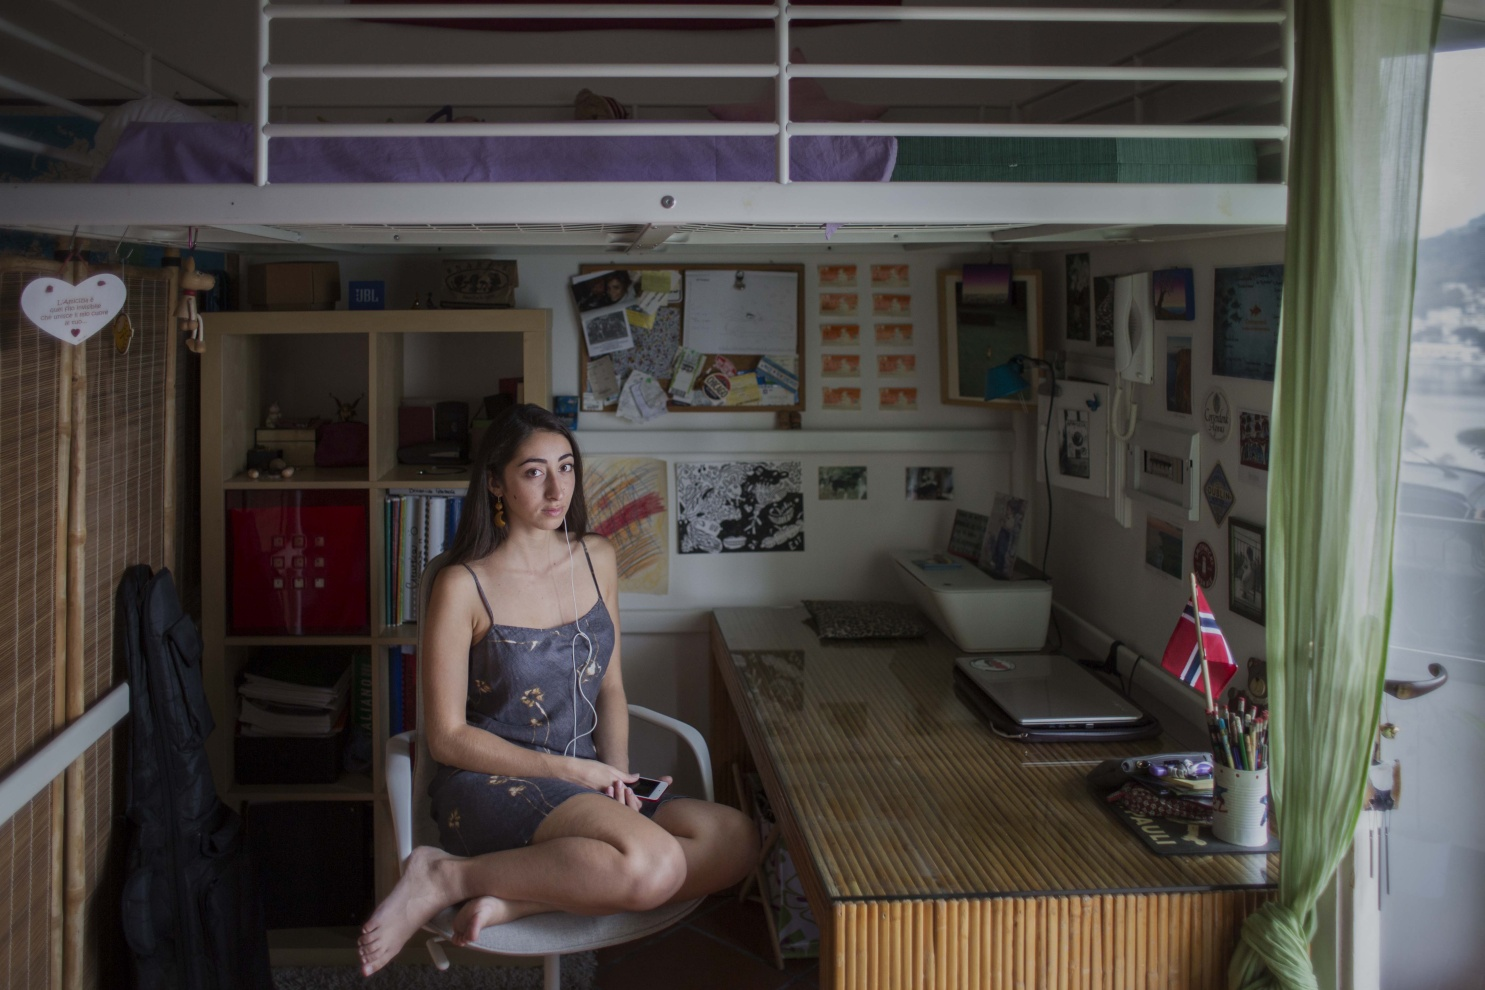 Bruna, 22 anni, Bacoli (NA) - - Non è che per essere bella devi assomigliare ad altre centocinquantamila persone.